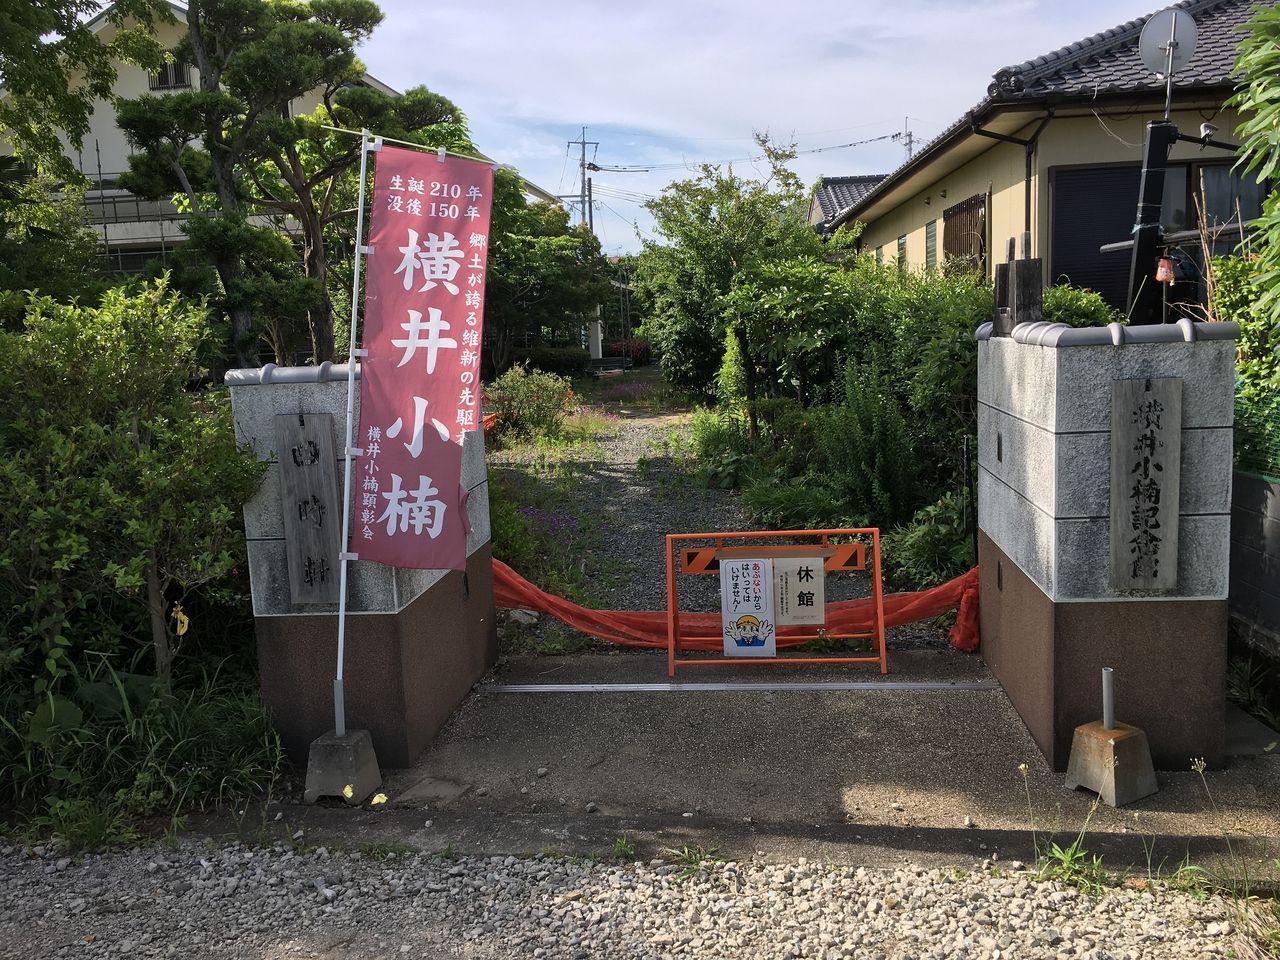 熊本地震で全壊し、再建途上にある四時軒